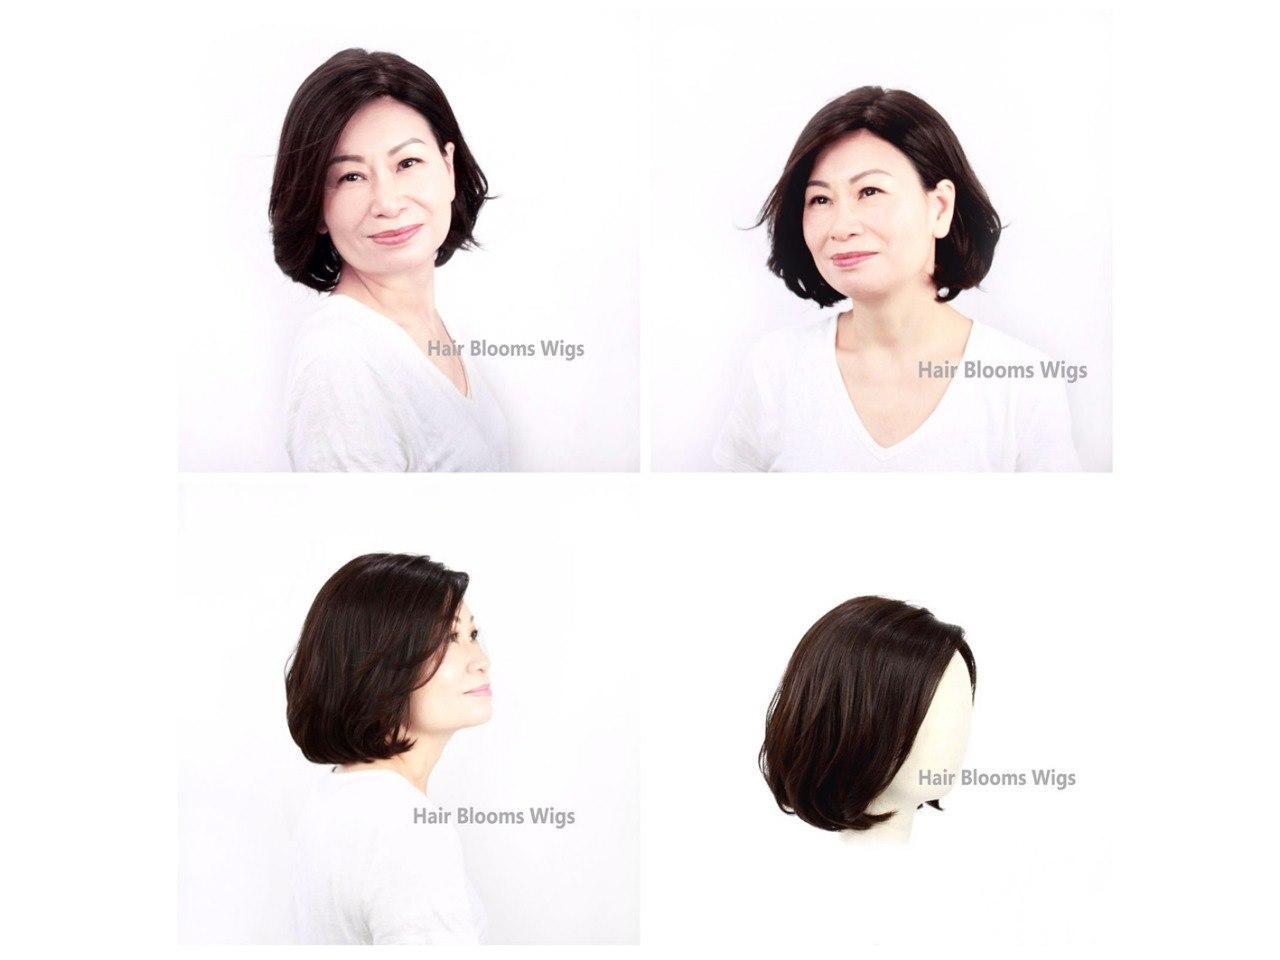 ㄟ Hair Blooms Wigs Hair Blooms Wigs Hair Blooms Wigs Hair Blooms Wigs  face,chin,nose,forehead,eyebrow